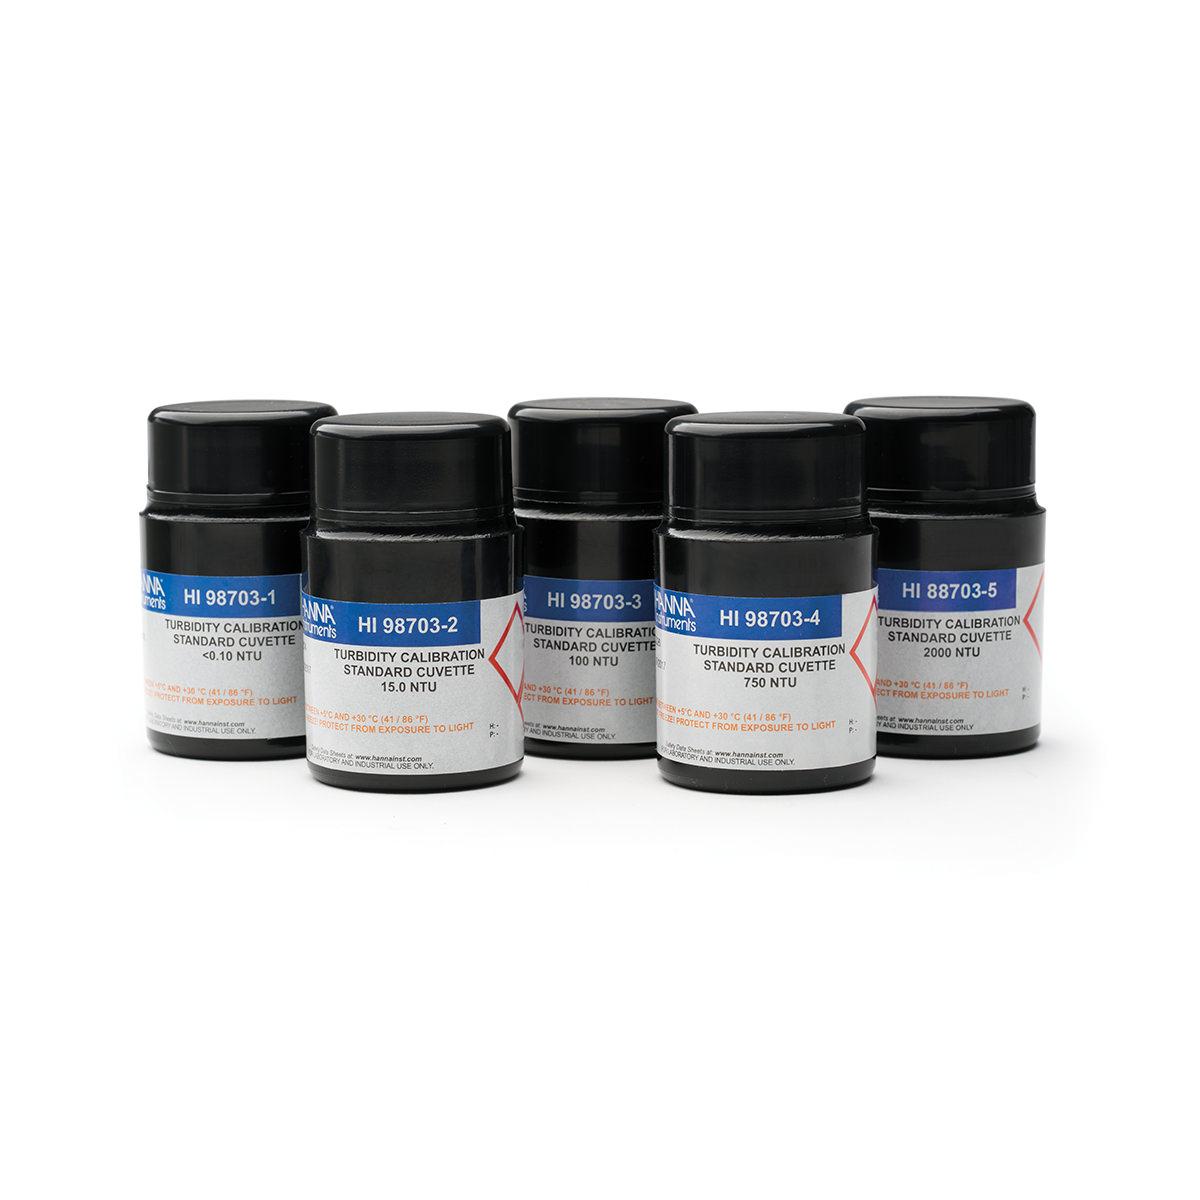 Estándares para Calibración de Turbidez - HI88703-11